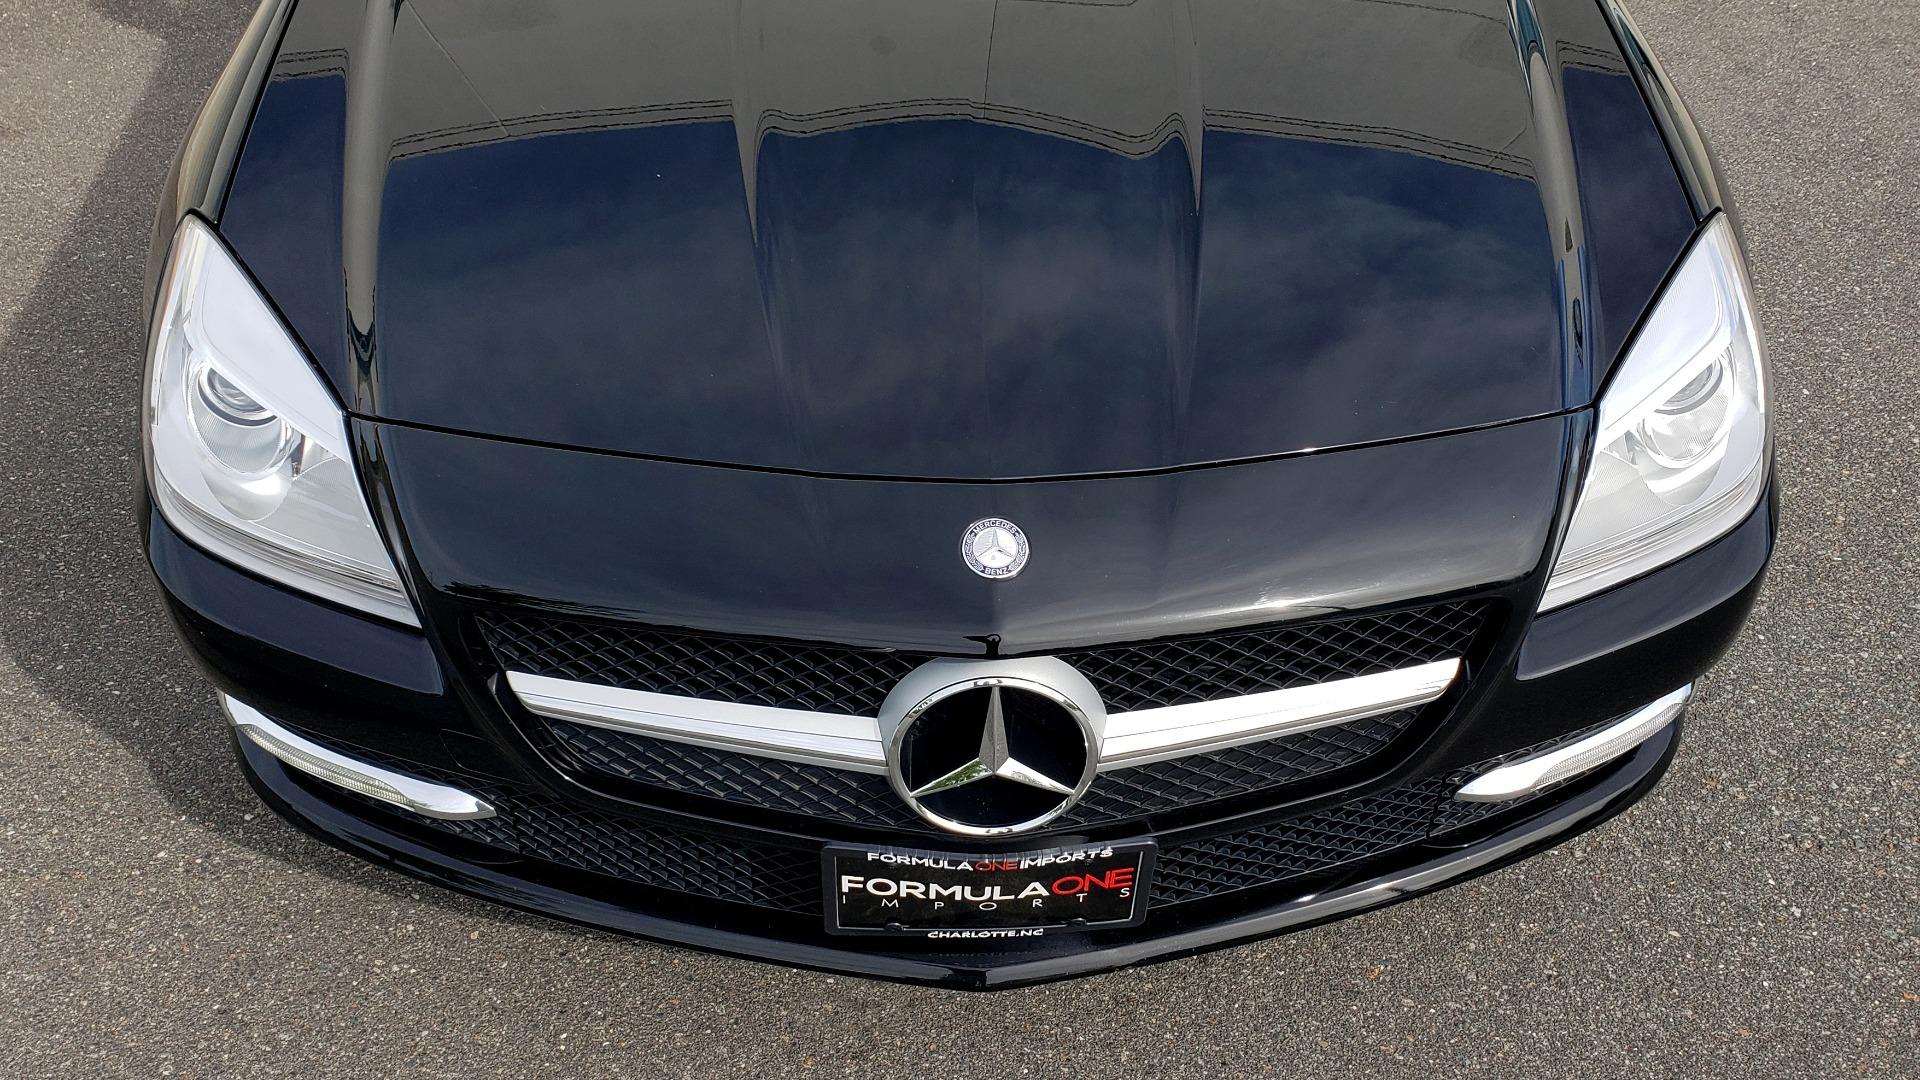 Used 2012 Mercedes-Benz SLK-CLASS SLK 250 ROADSTER / PREM 1 PKG / COMAND LAUNCH PKG / 7-SPD AUTO for sale $24,995 at Formula Imports in Charlotte NC 28227 45